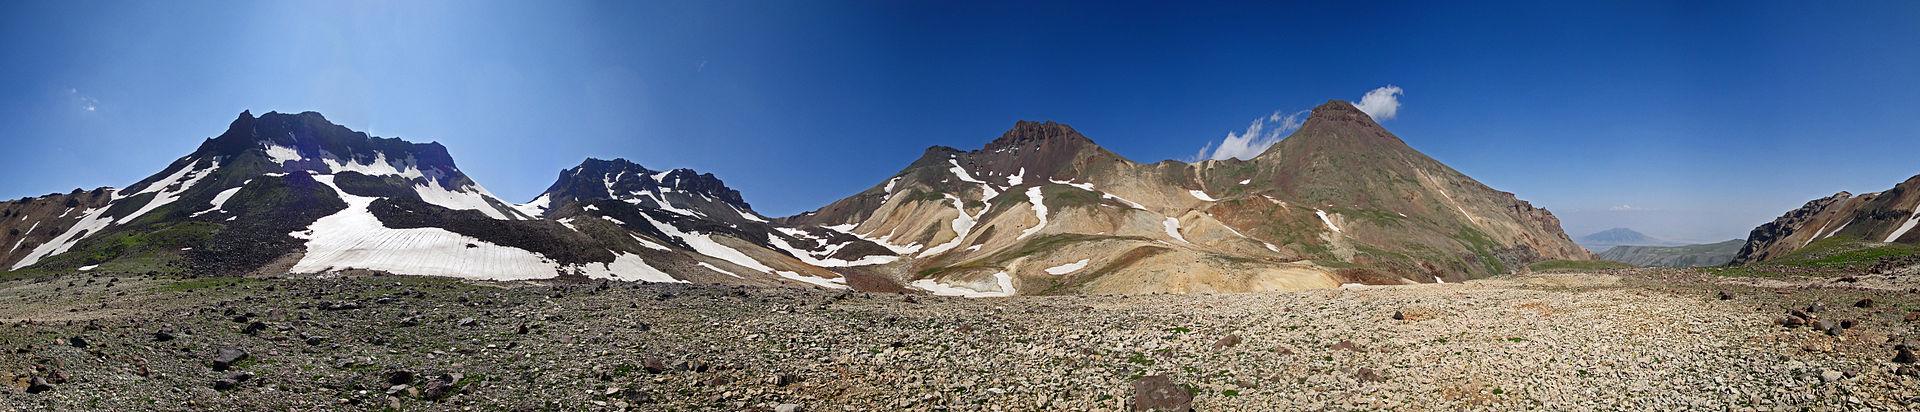 Peaks_of_Aragats